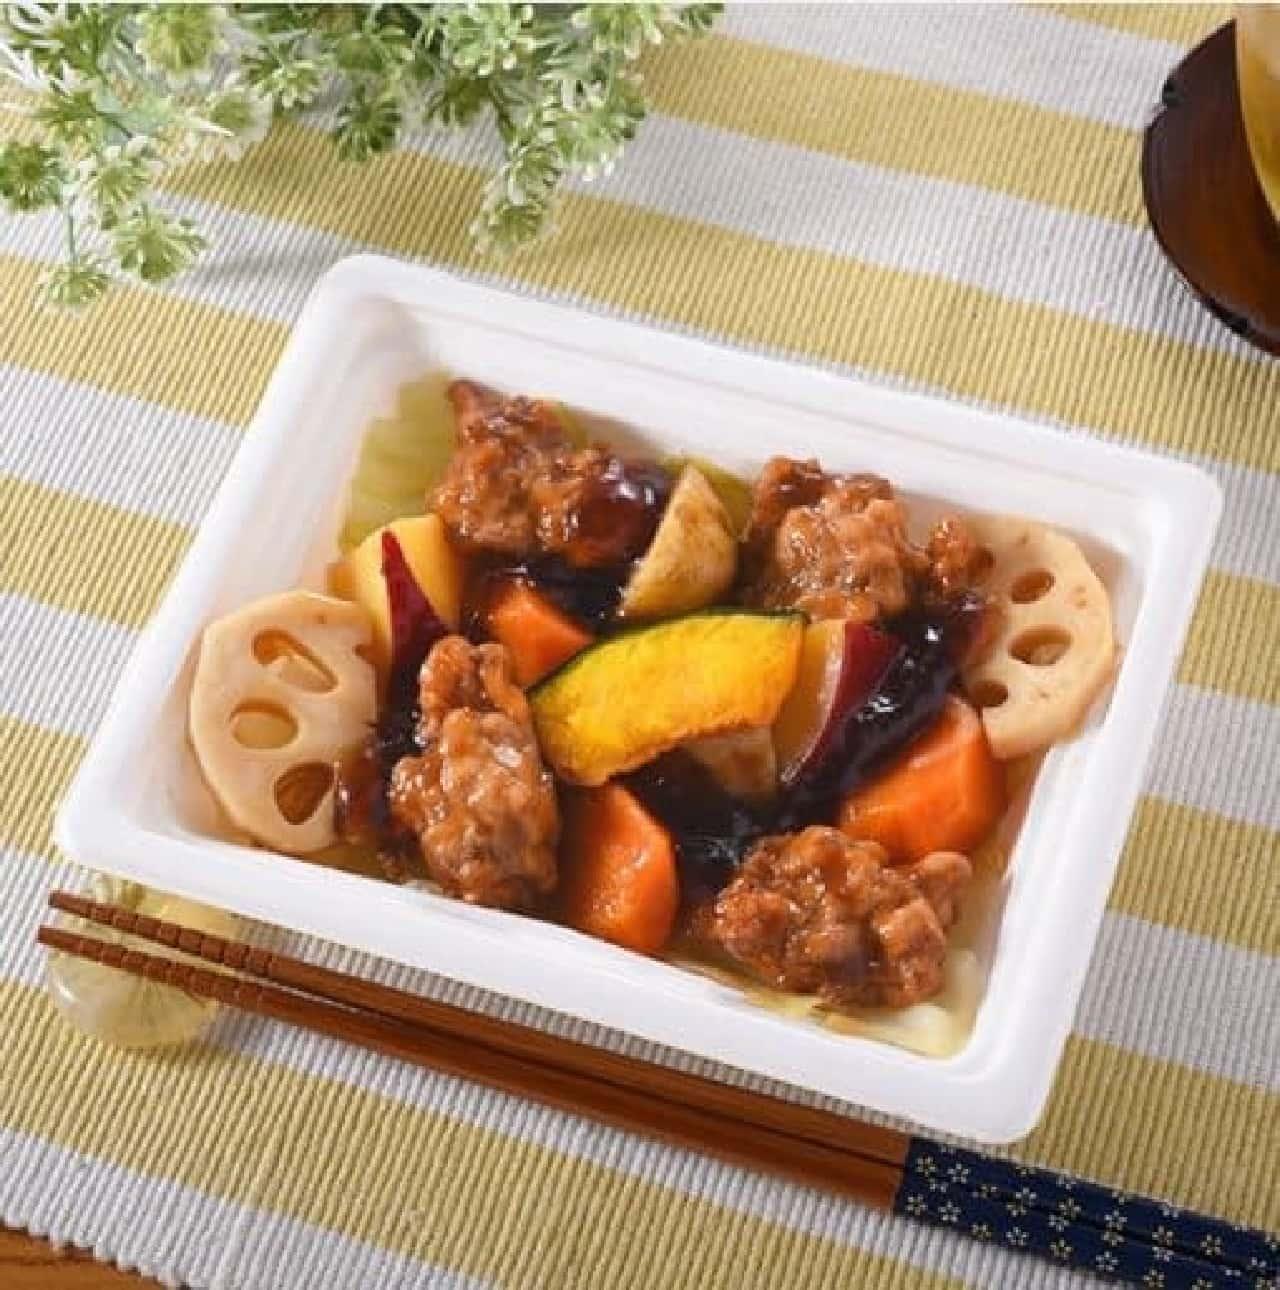 ファミリーマート「鶏と根菜の黒酢だれ和え」